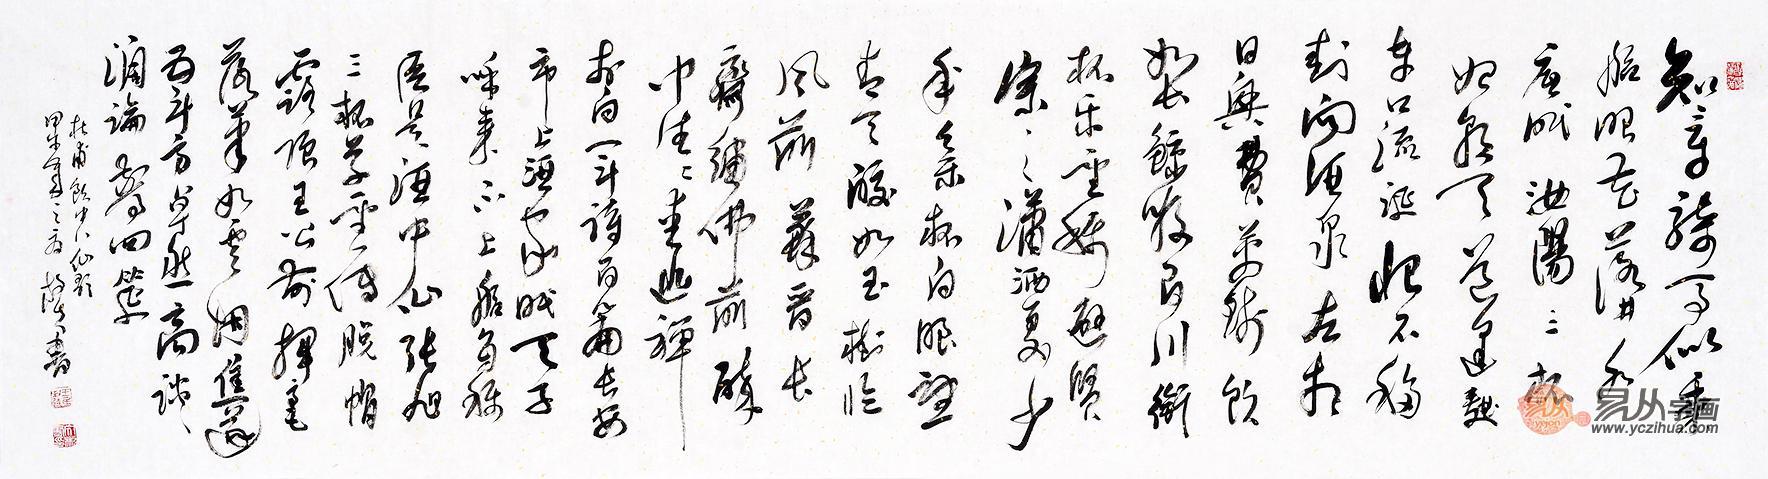 中式餐饮酒店书法作品内容图片